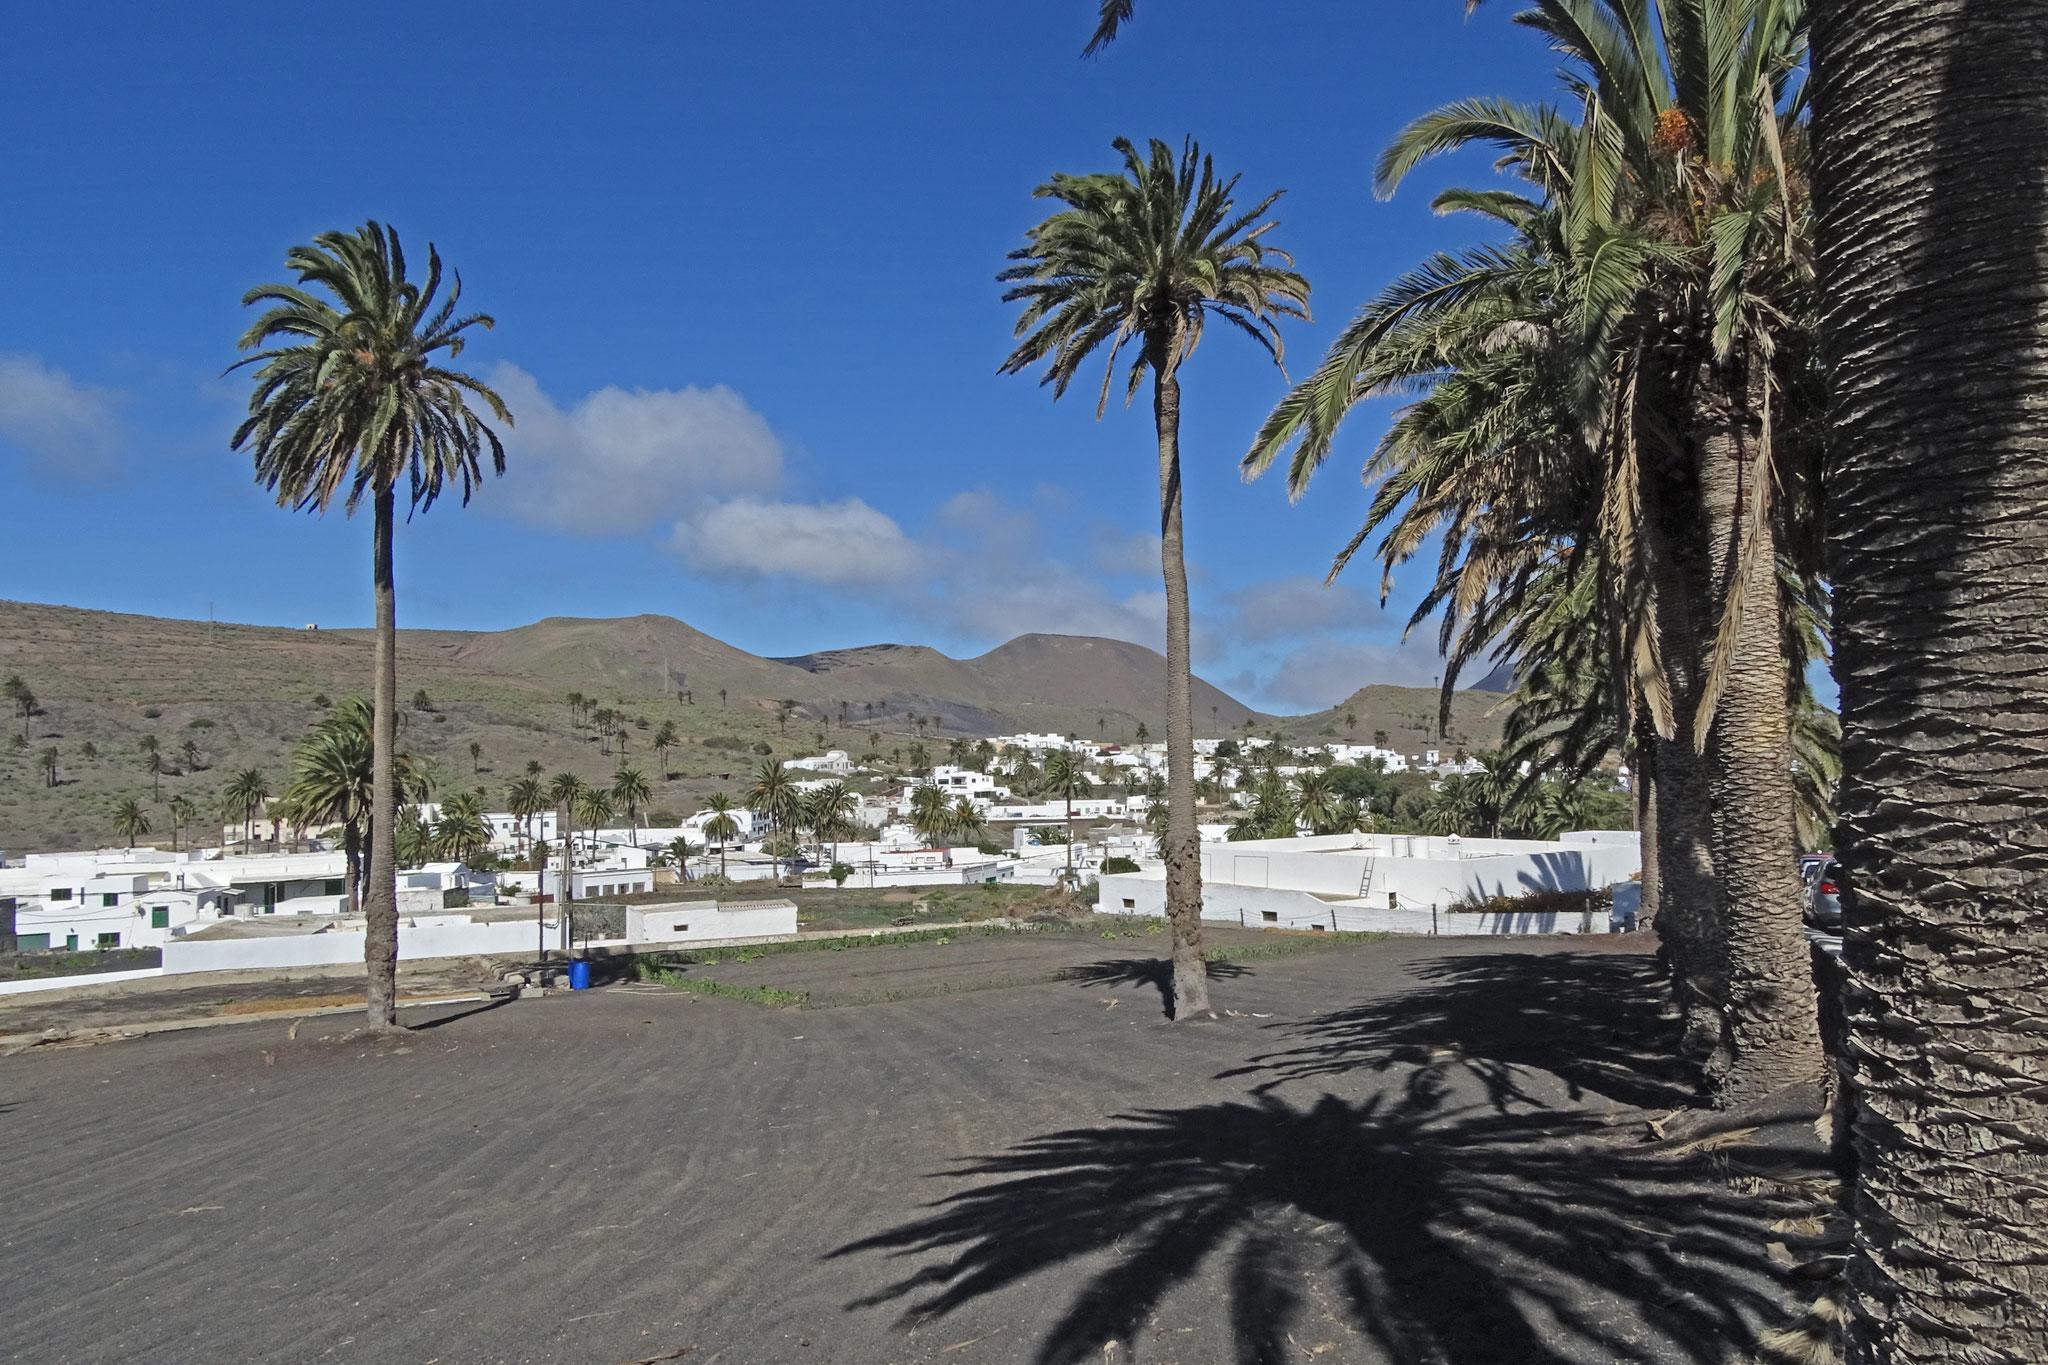 Die nördlichste Stadt Haria erinnert irgendwie an Marokko